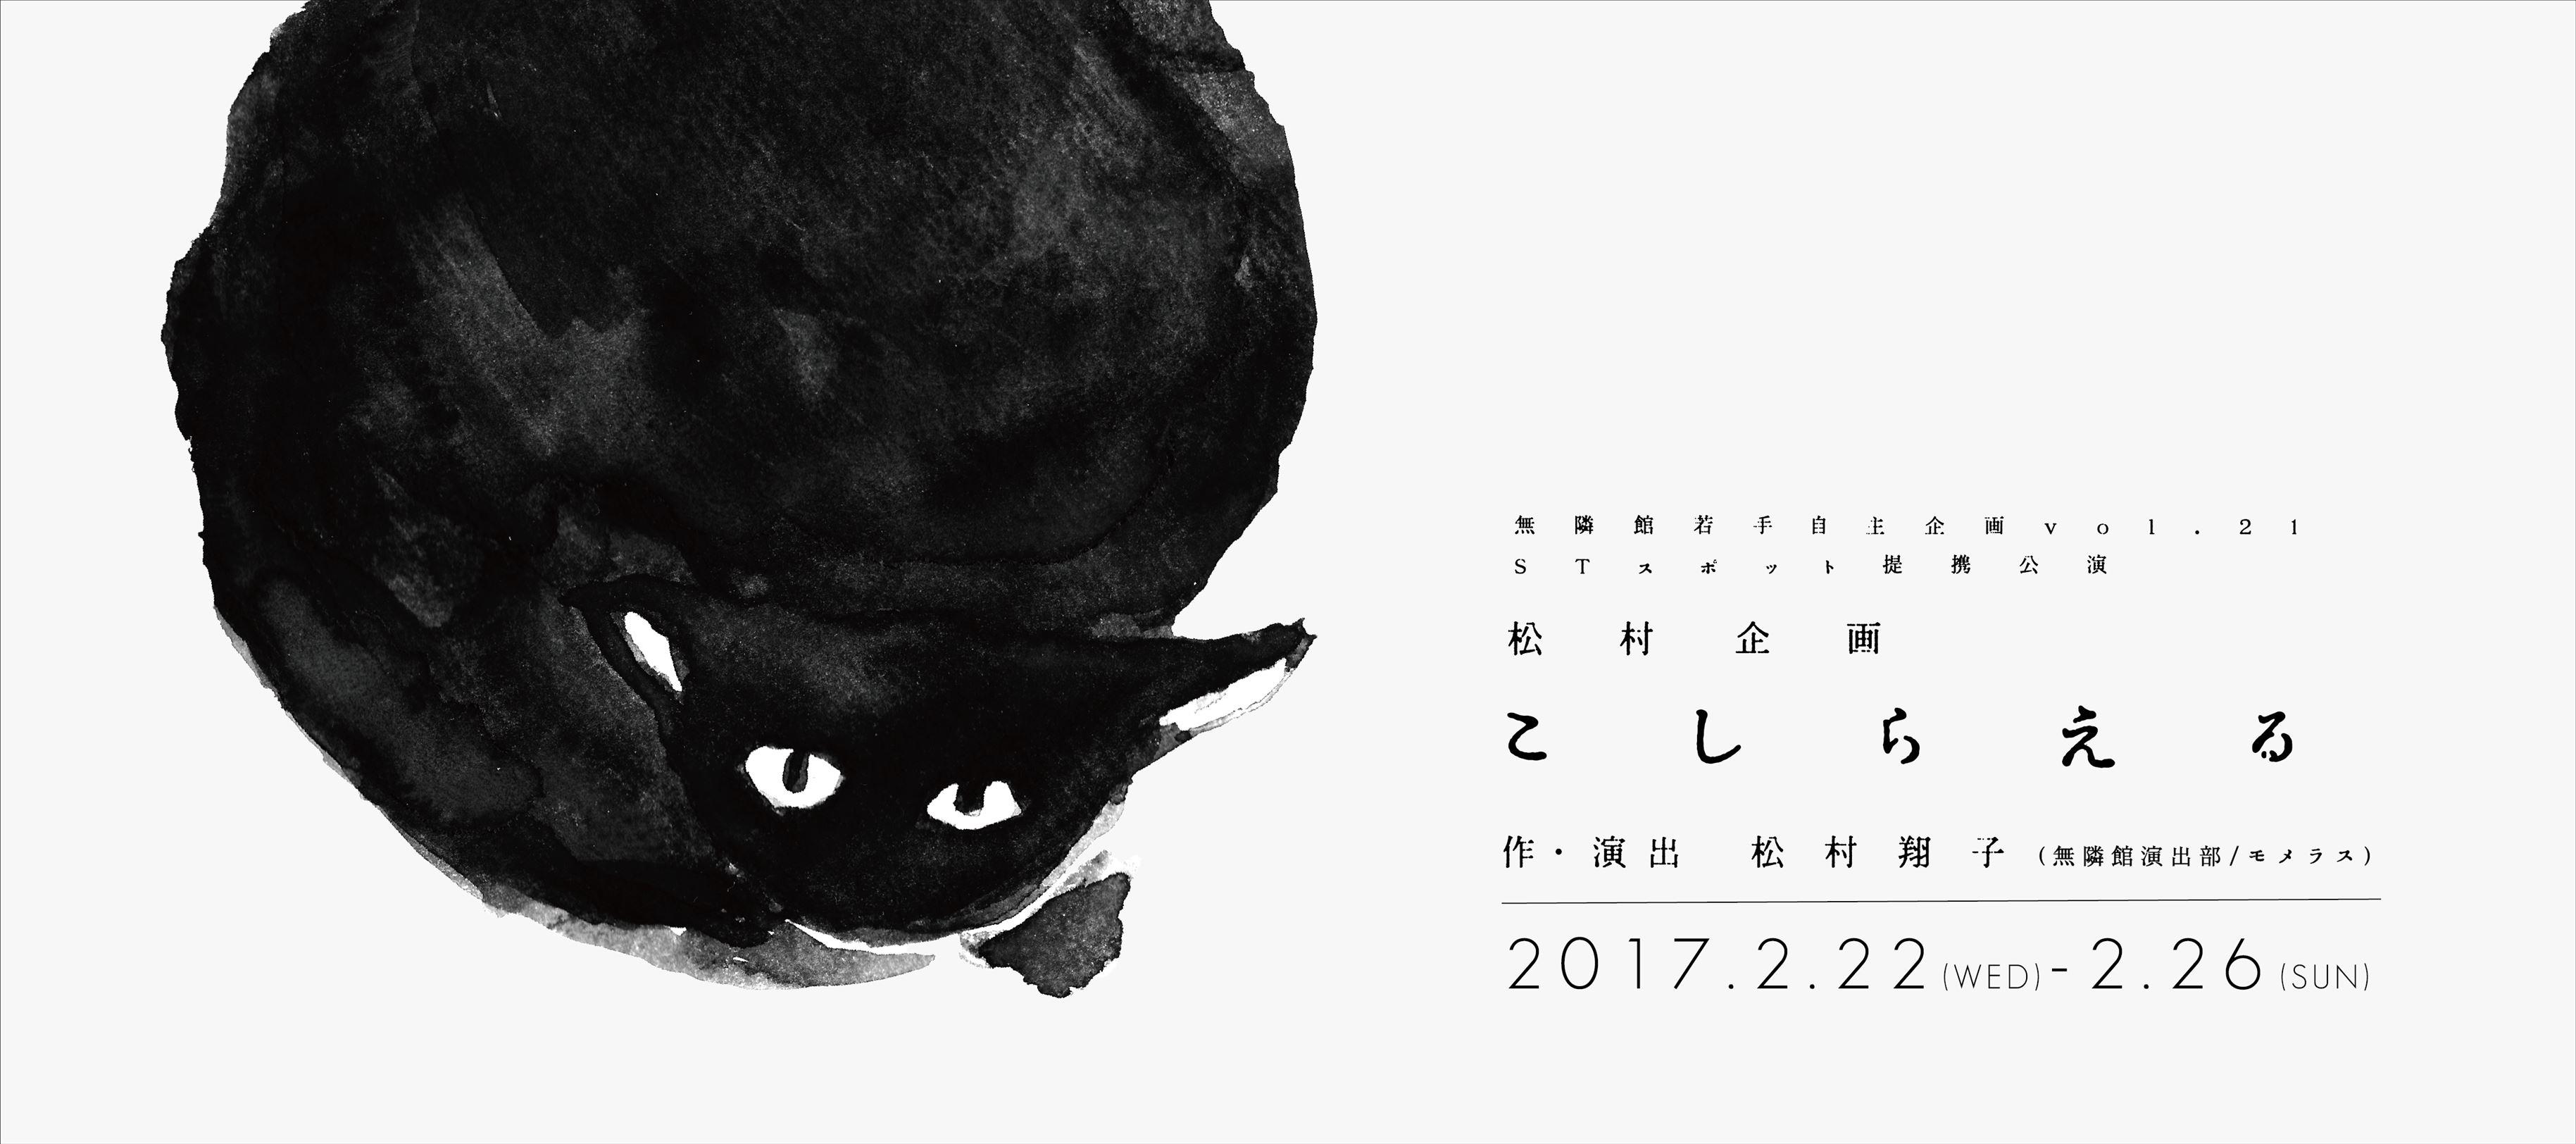 【提携】無隣館若手自主企画vol.21 STスポット提携公演 松村企画「こしらえる」